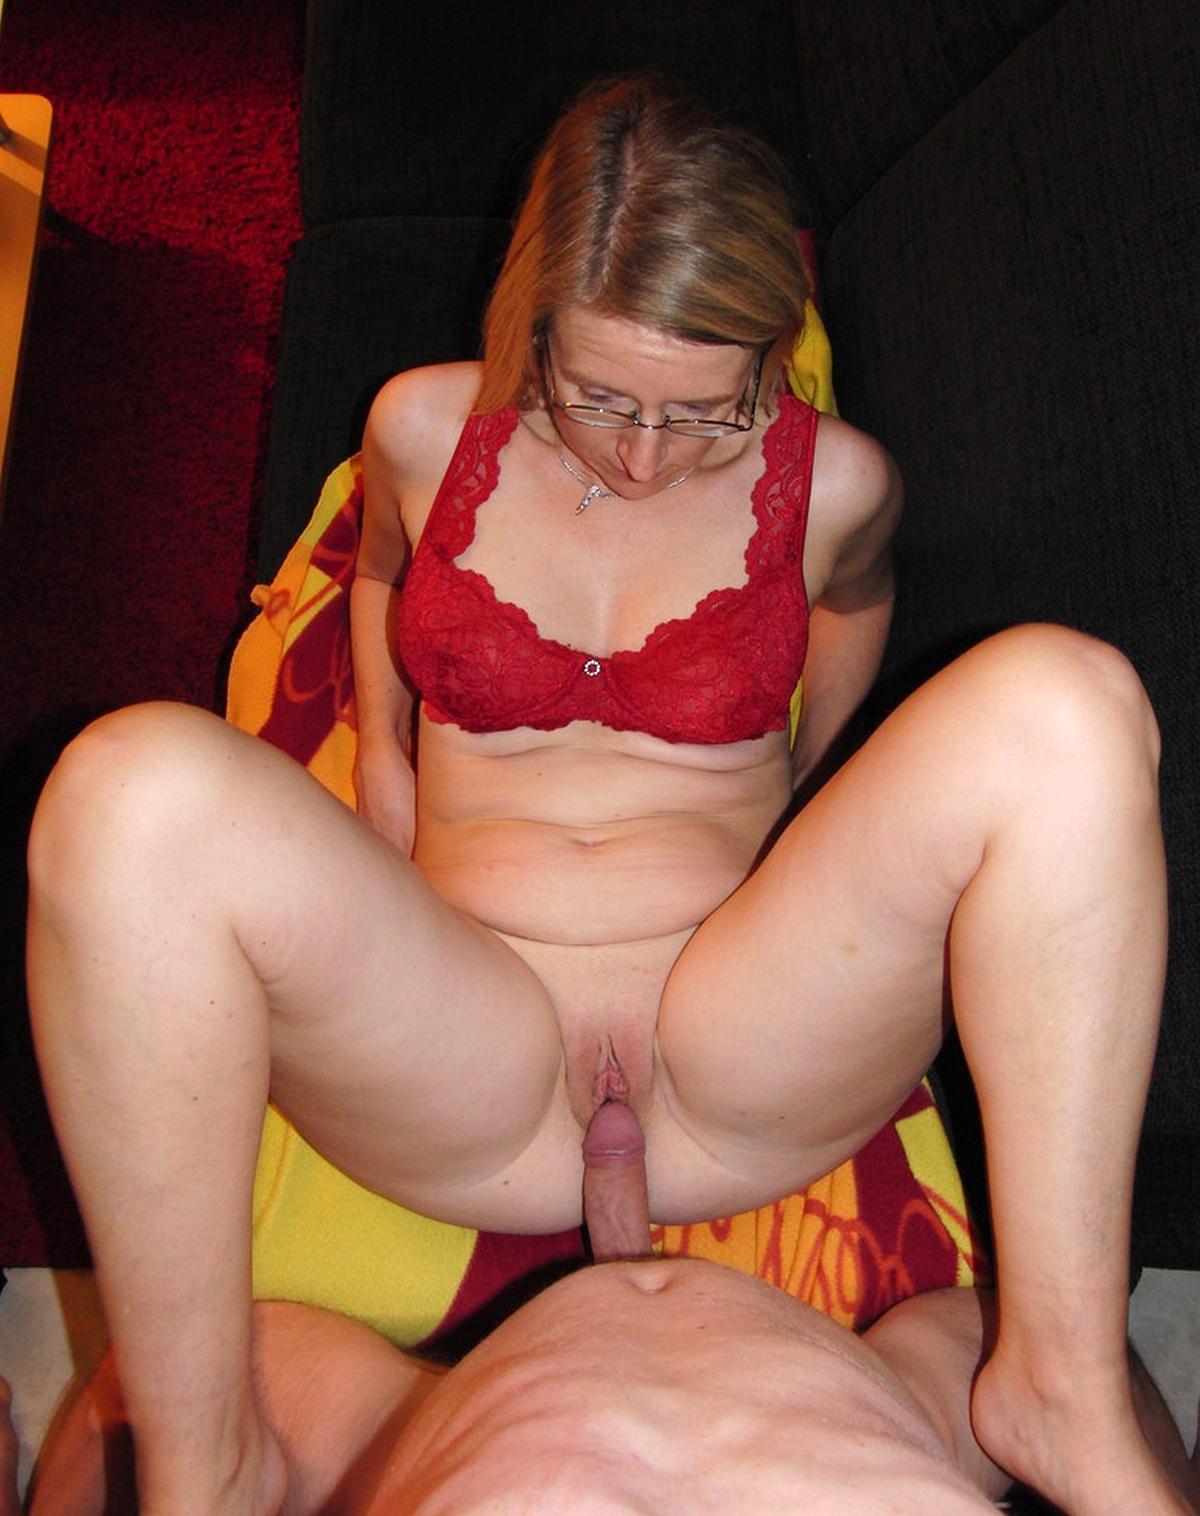 Hot amateur mature porn